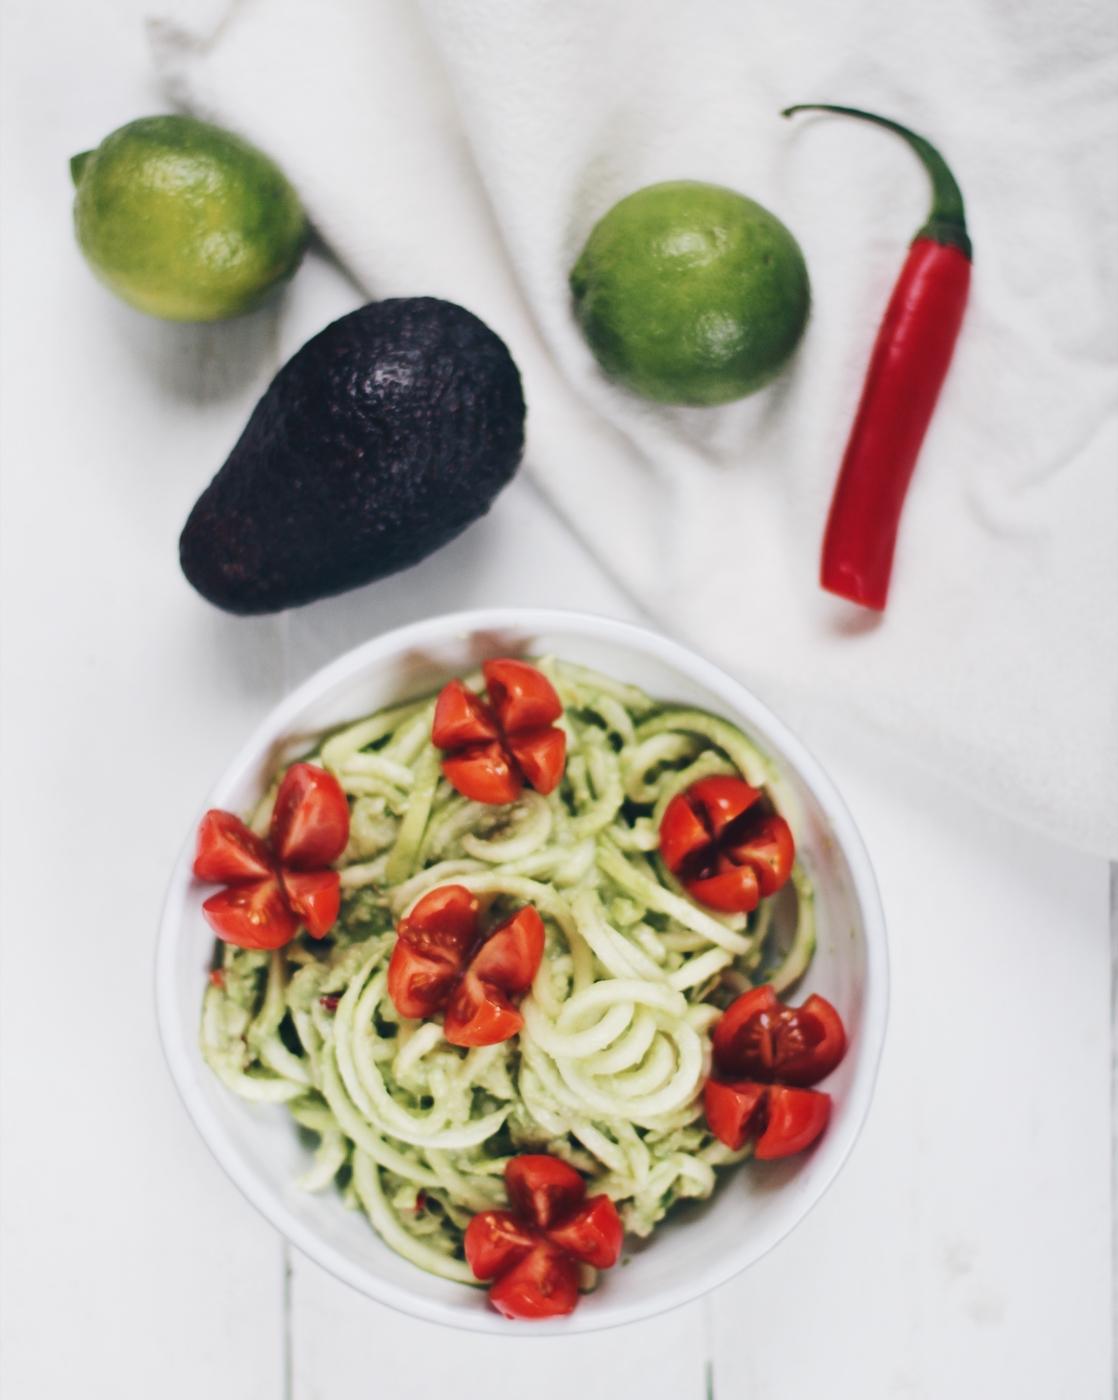 Mistä freelanceri saa tarpeeksi kasviksia: kaksi vegaanista suosikkireseptiä nyt